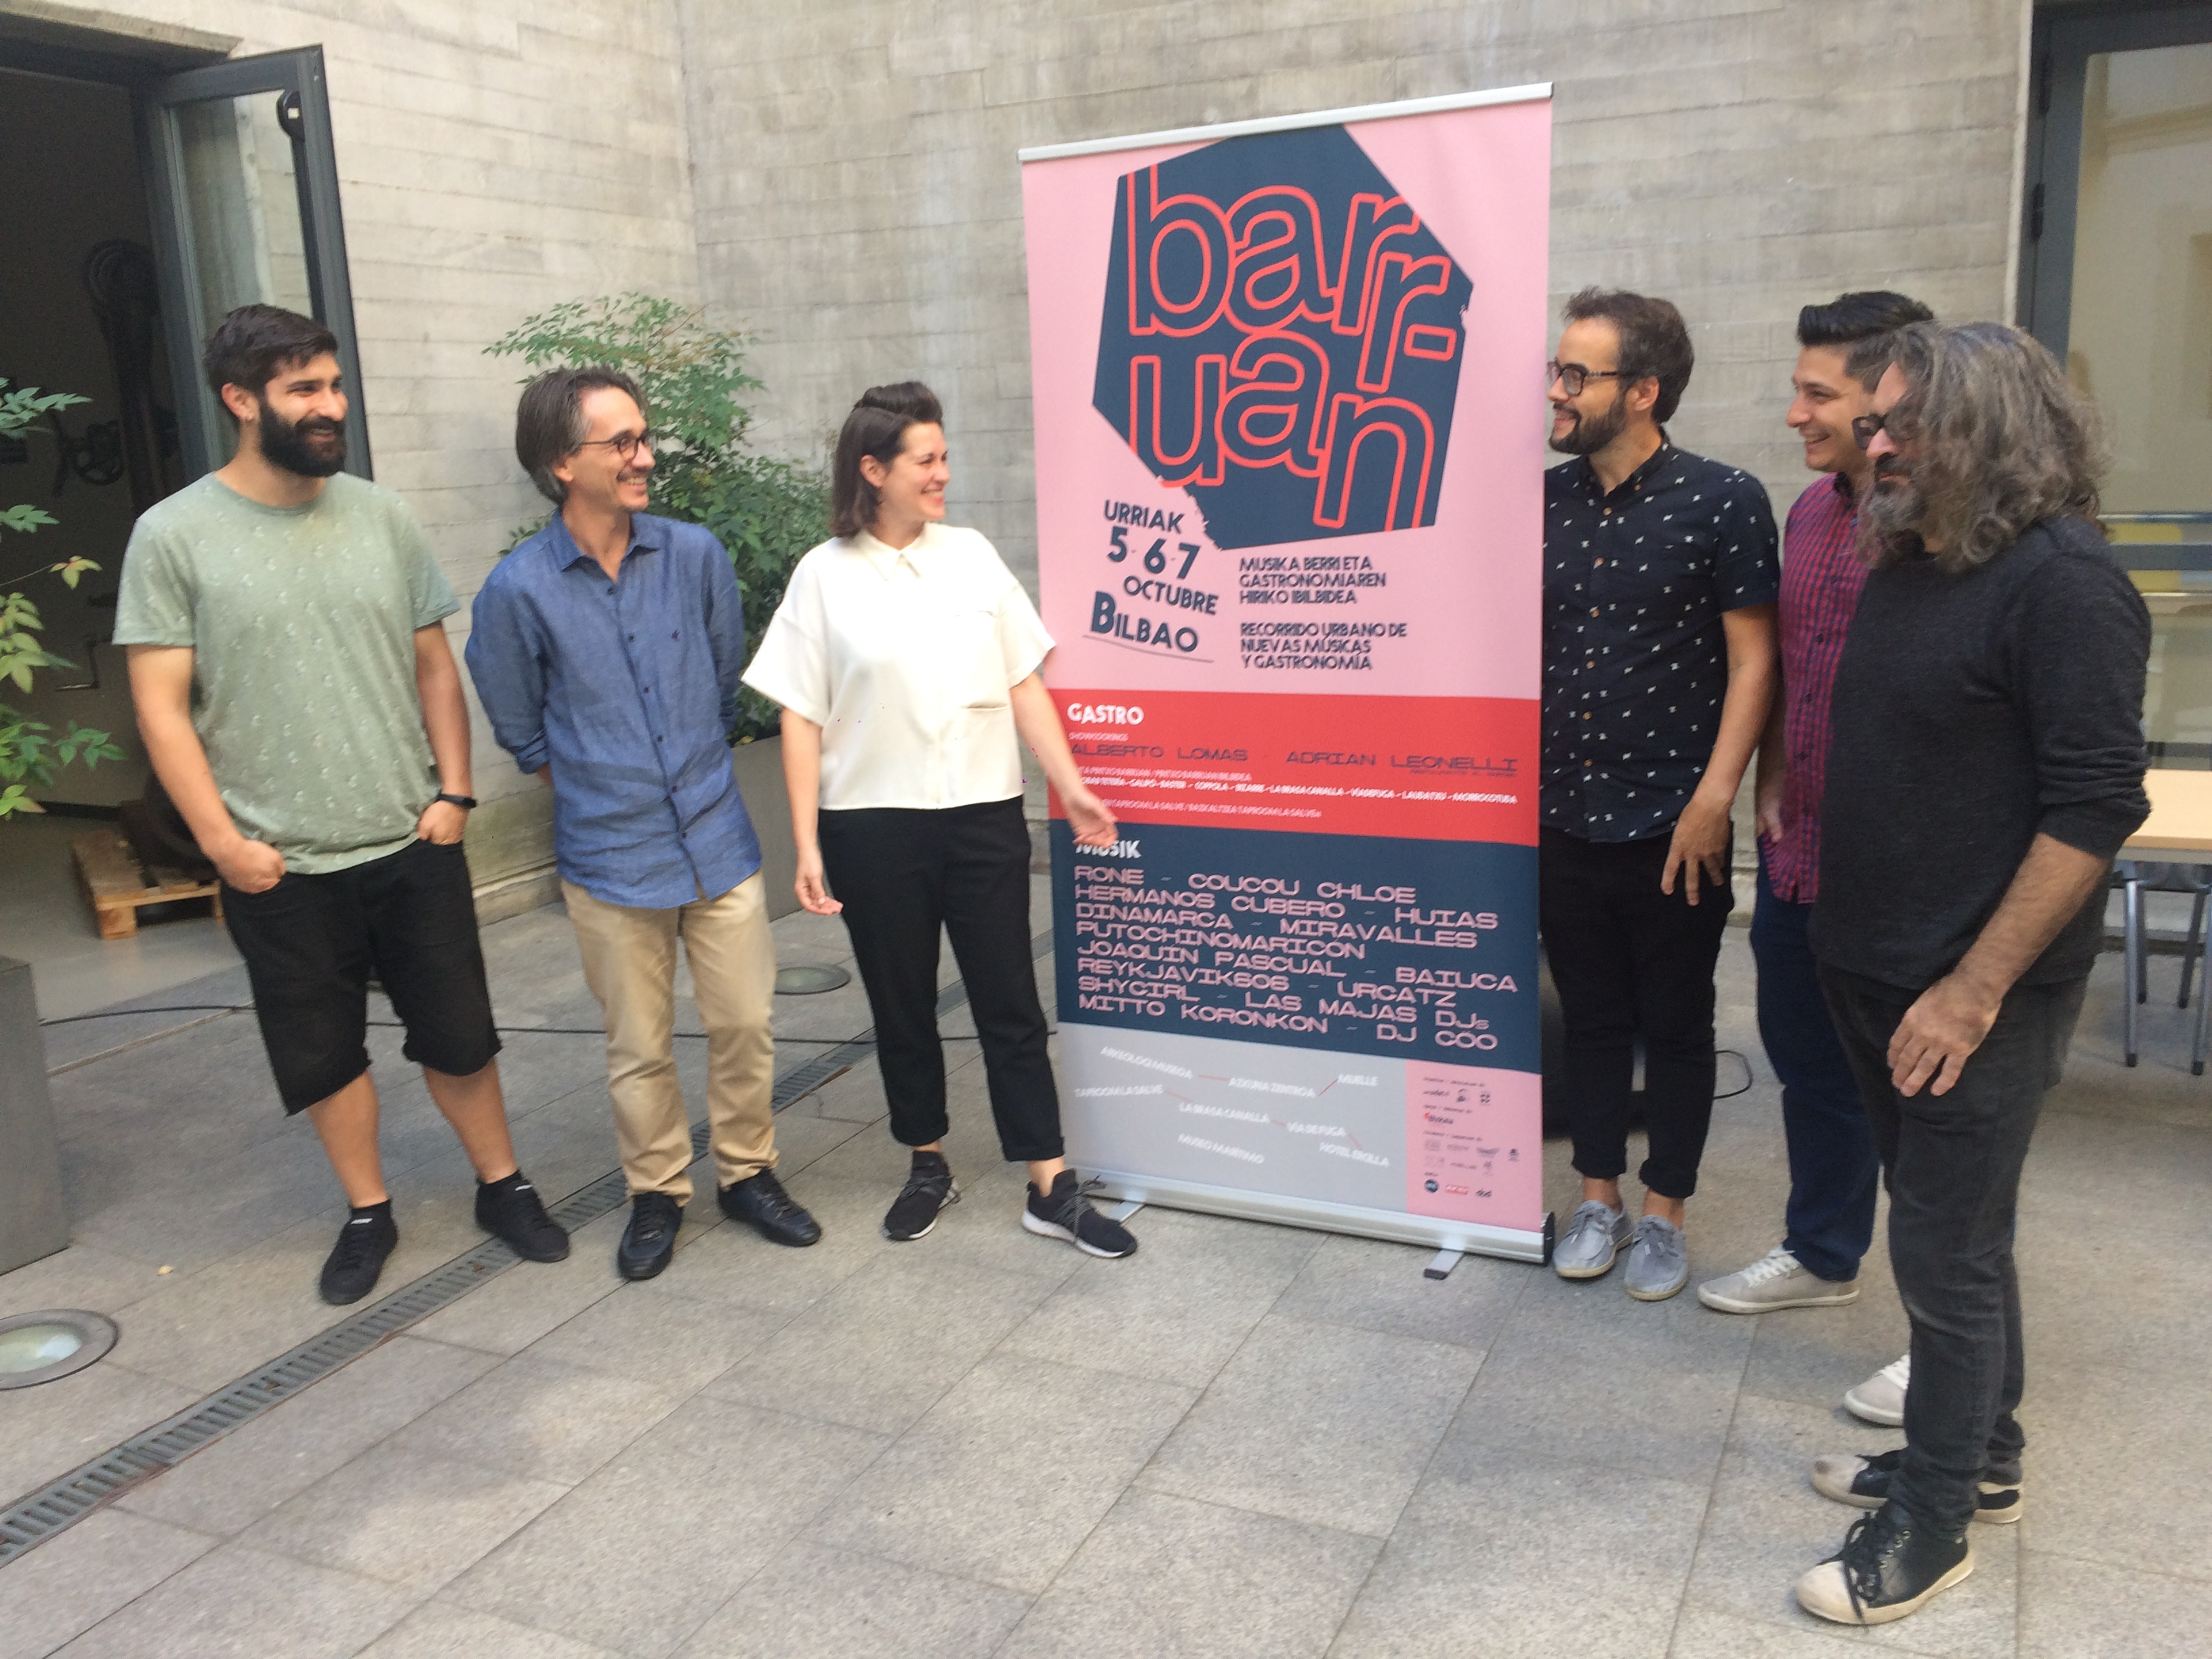 Apetito de gastronomía y música en el nuevo festival Barruan en Bilbao